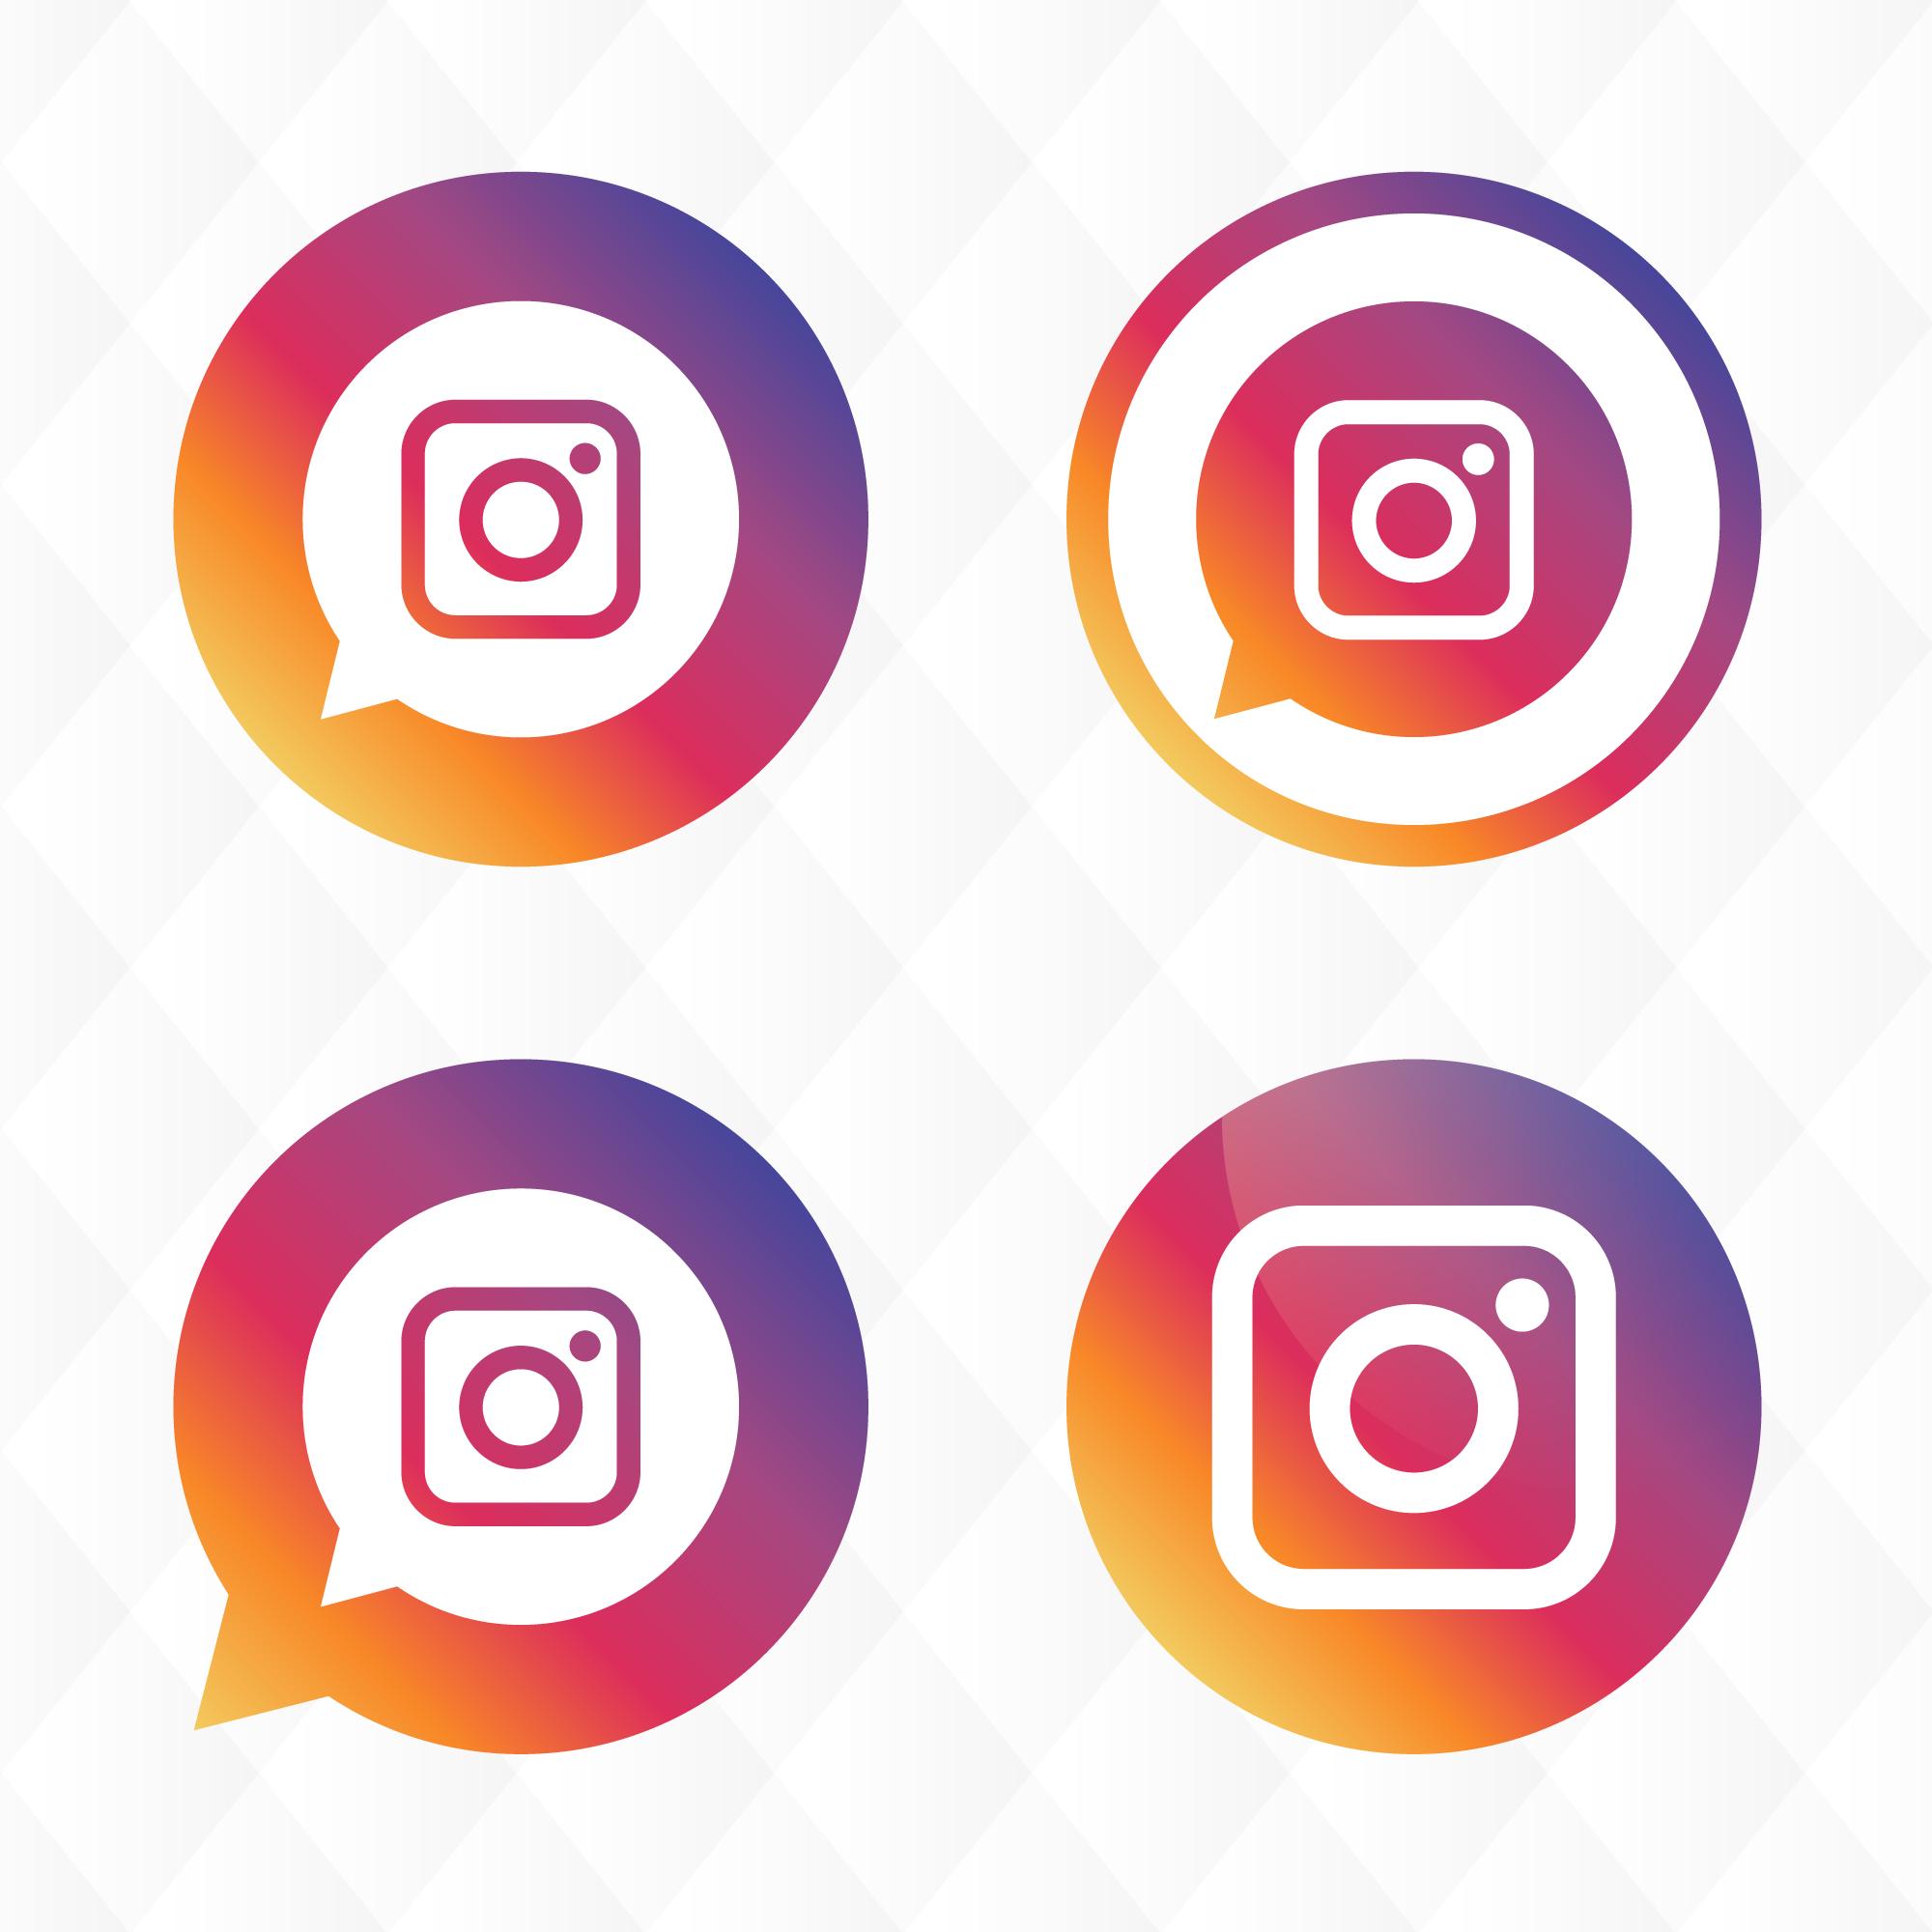 2000x2000 Instagram Free Vector Art